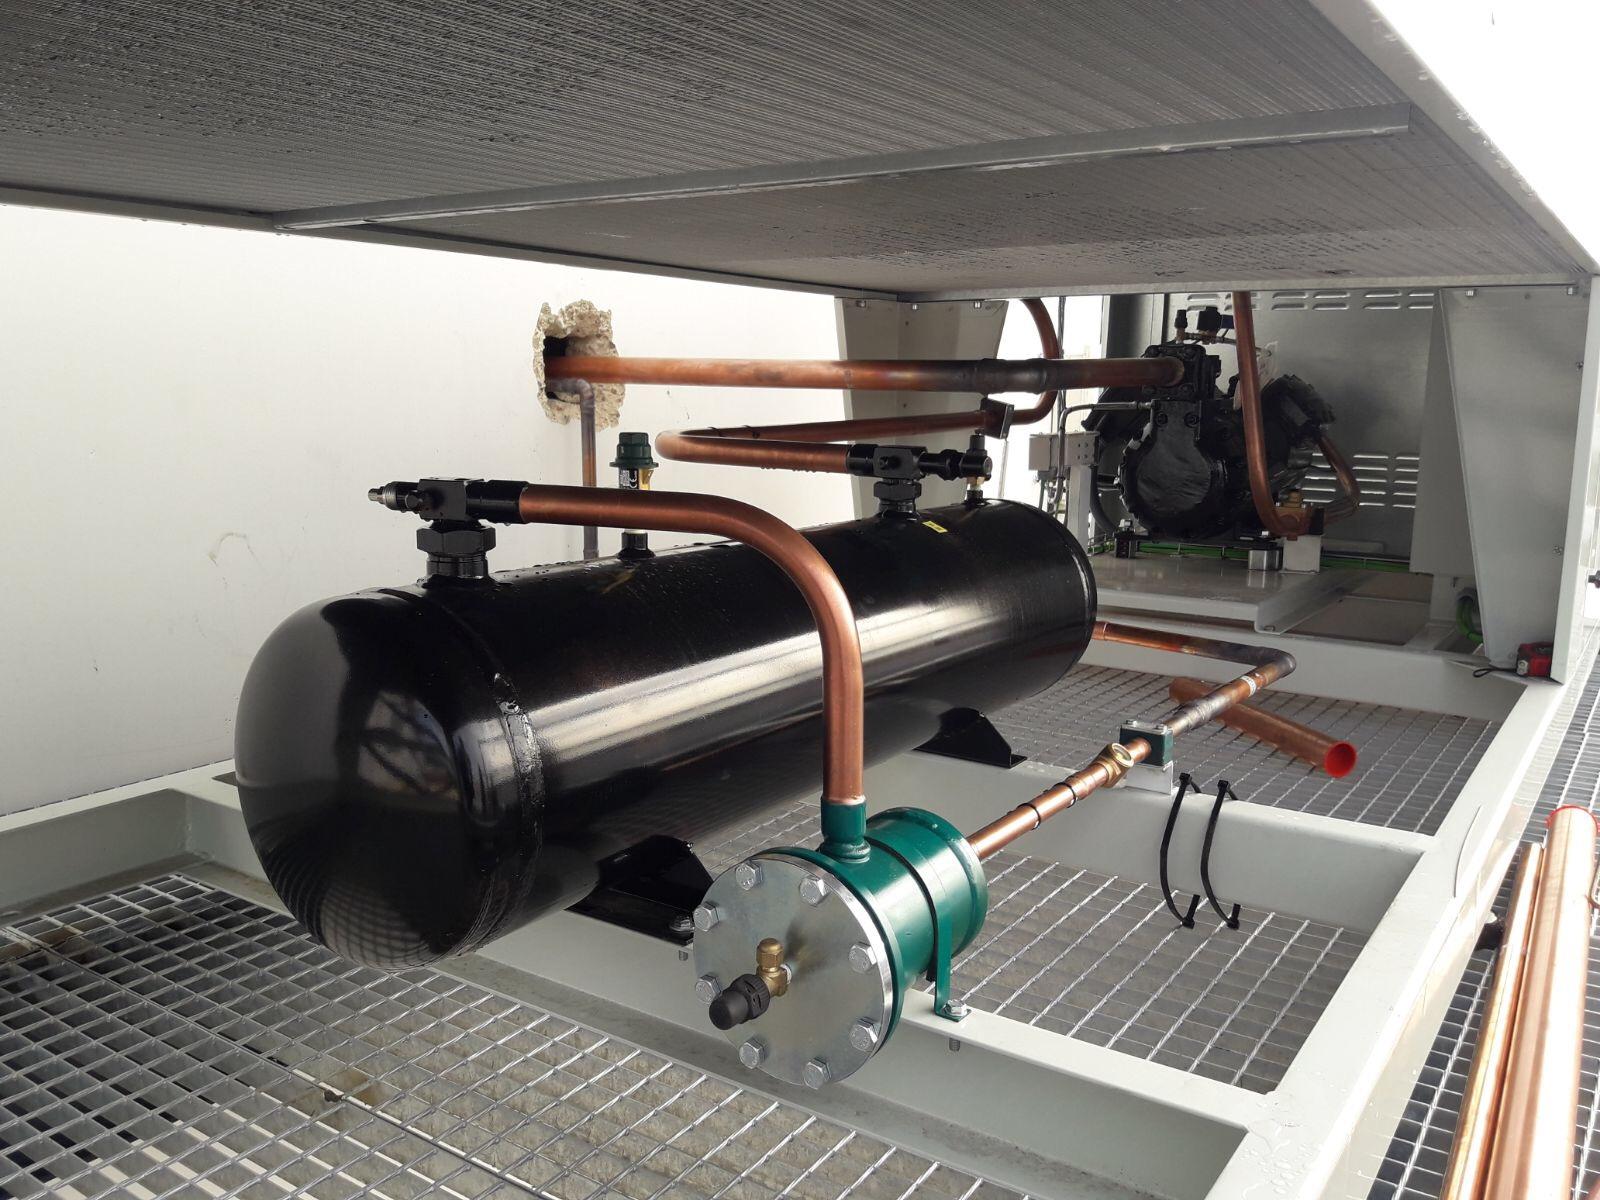 Unidad Condensadora Carrozada con compresor semihermético de 33 Cv. Refrigeración Industrial.